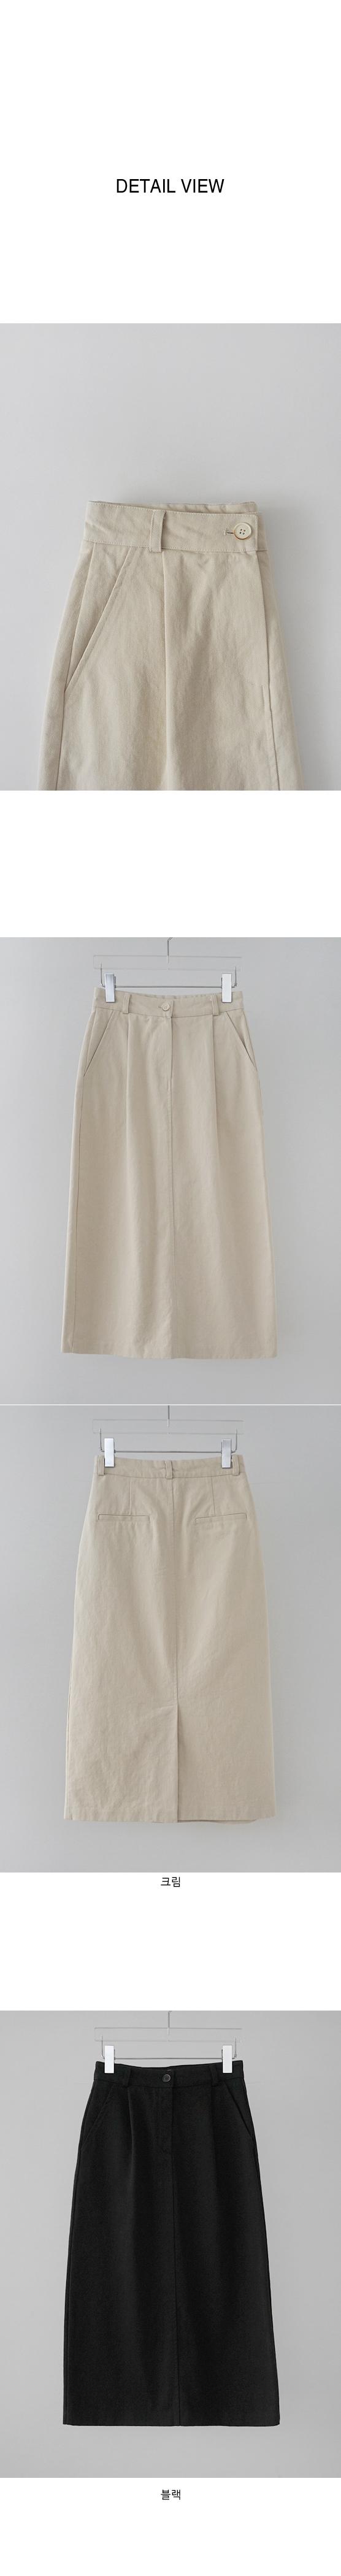 pintuck detail midi skirt